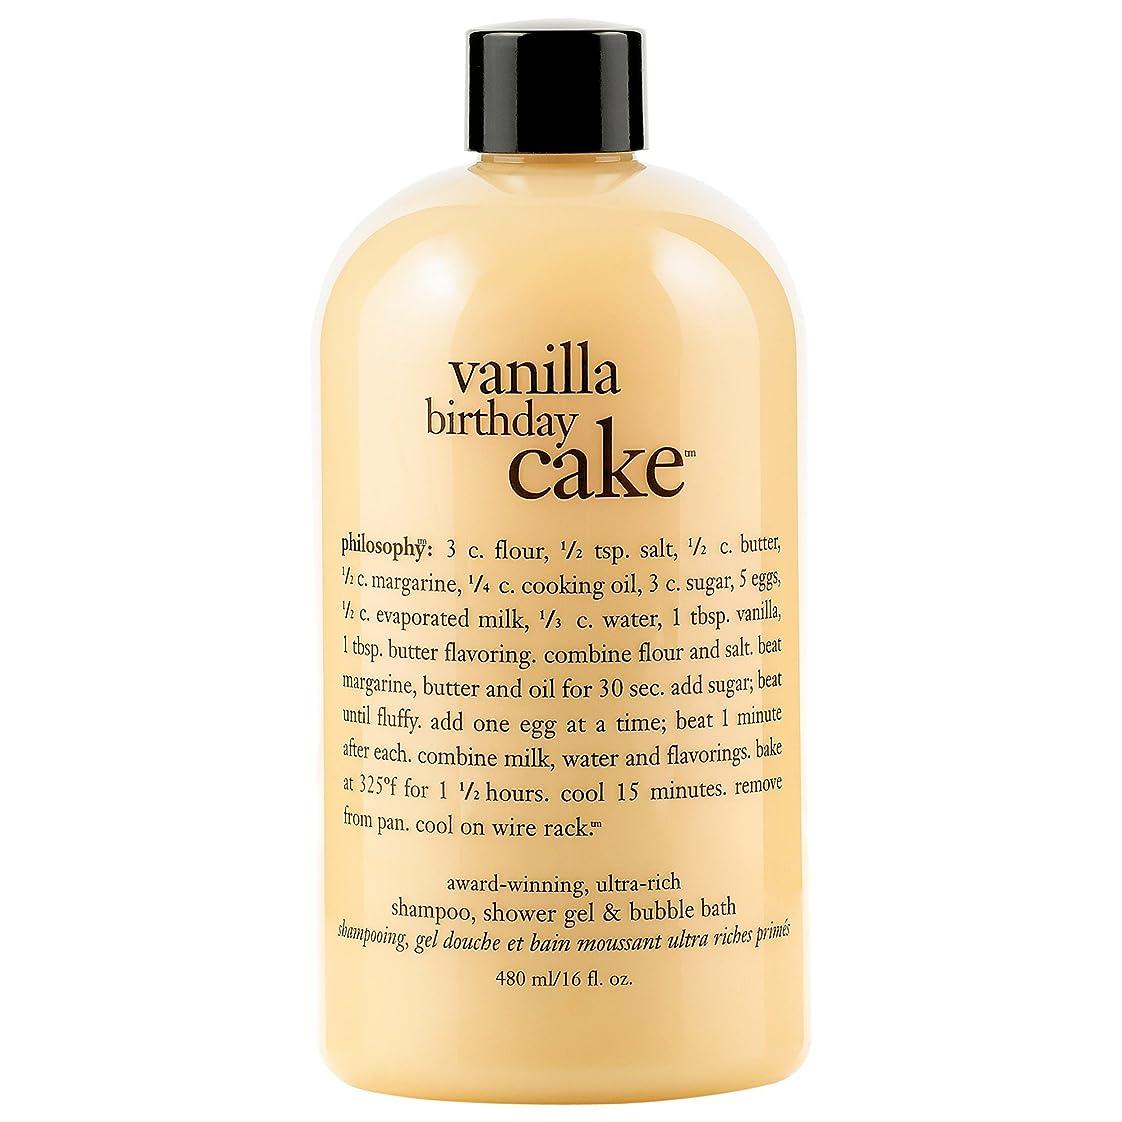 小道内部防止哲学バニラバースデーケーキシャンプー/シャワージェル/バブルバス480ミリリットル (Philosophy) - Philosophy Vanilla Birthday Cake Shampoo/Shower Gel/Bubble Bath 480ml [並行輸入品]